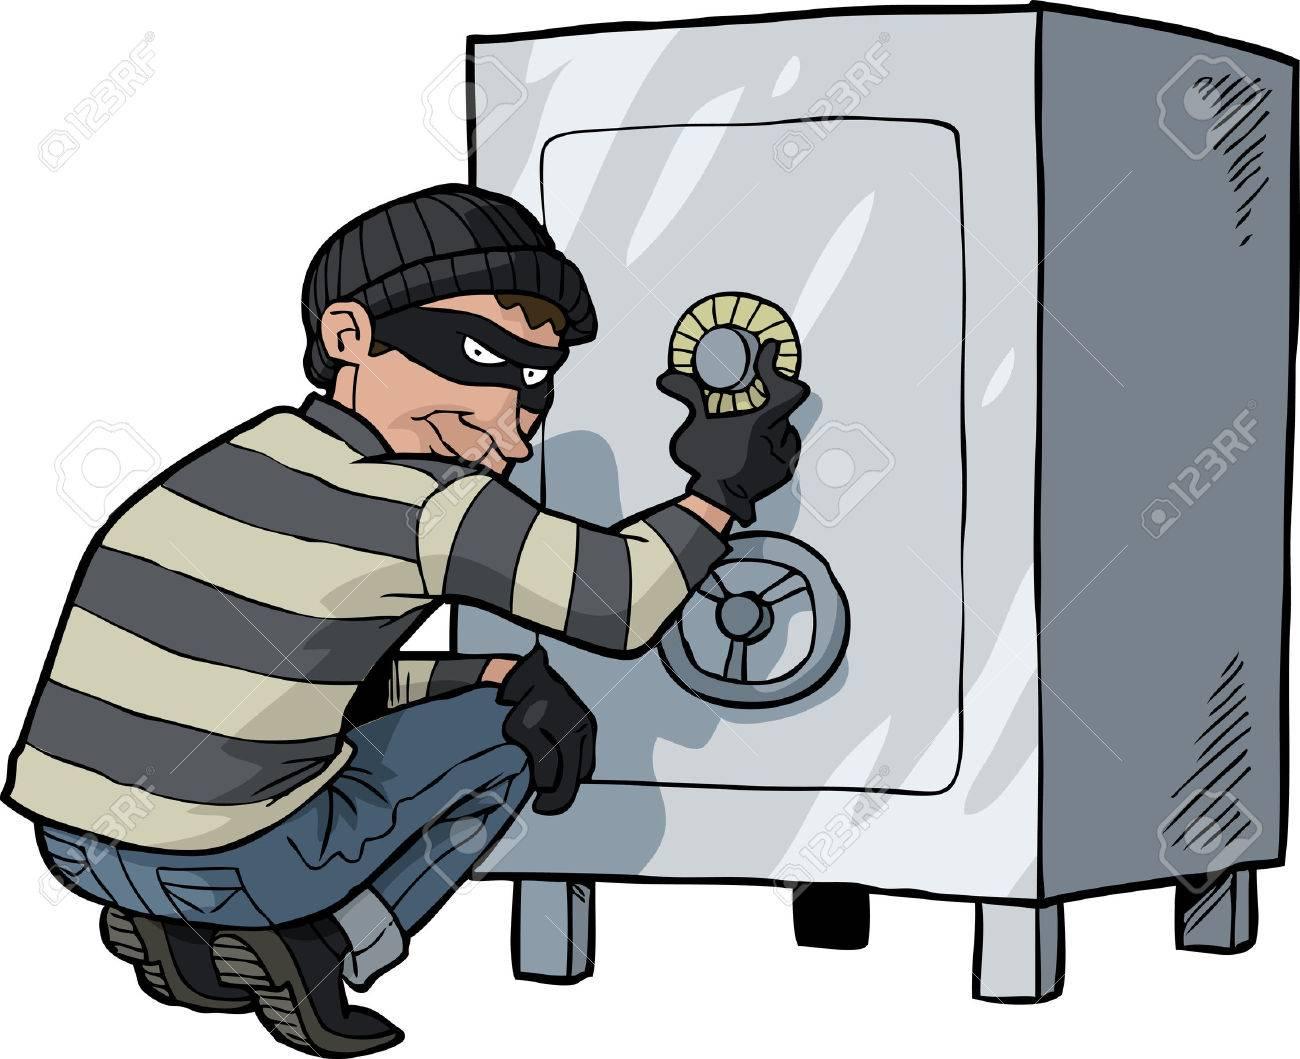 Foto de archivo - Ladrón de cajas de dibujos animados ladrón se rompe en  una ilustración vectorial de seguridad